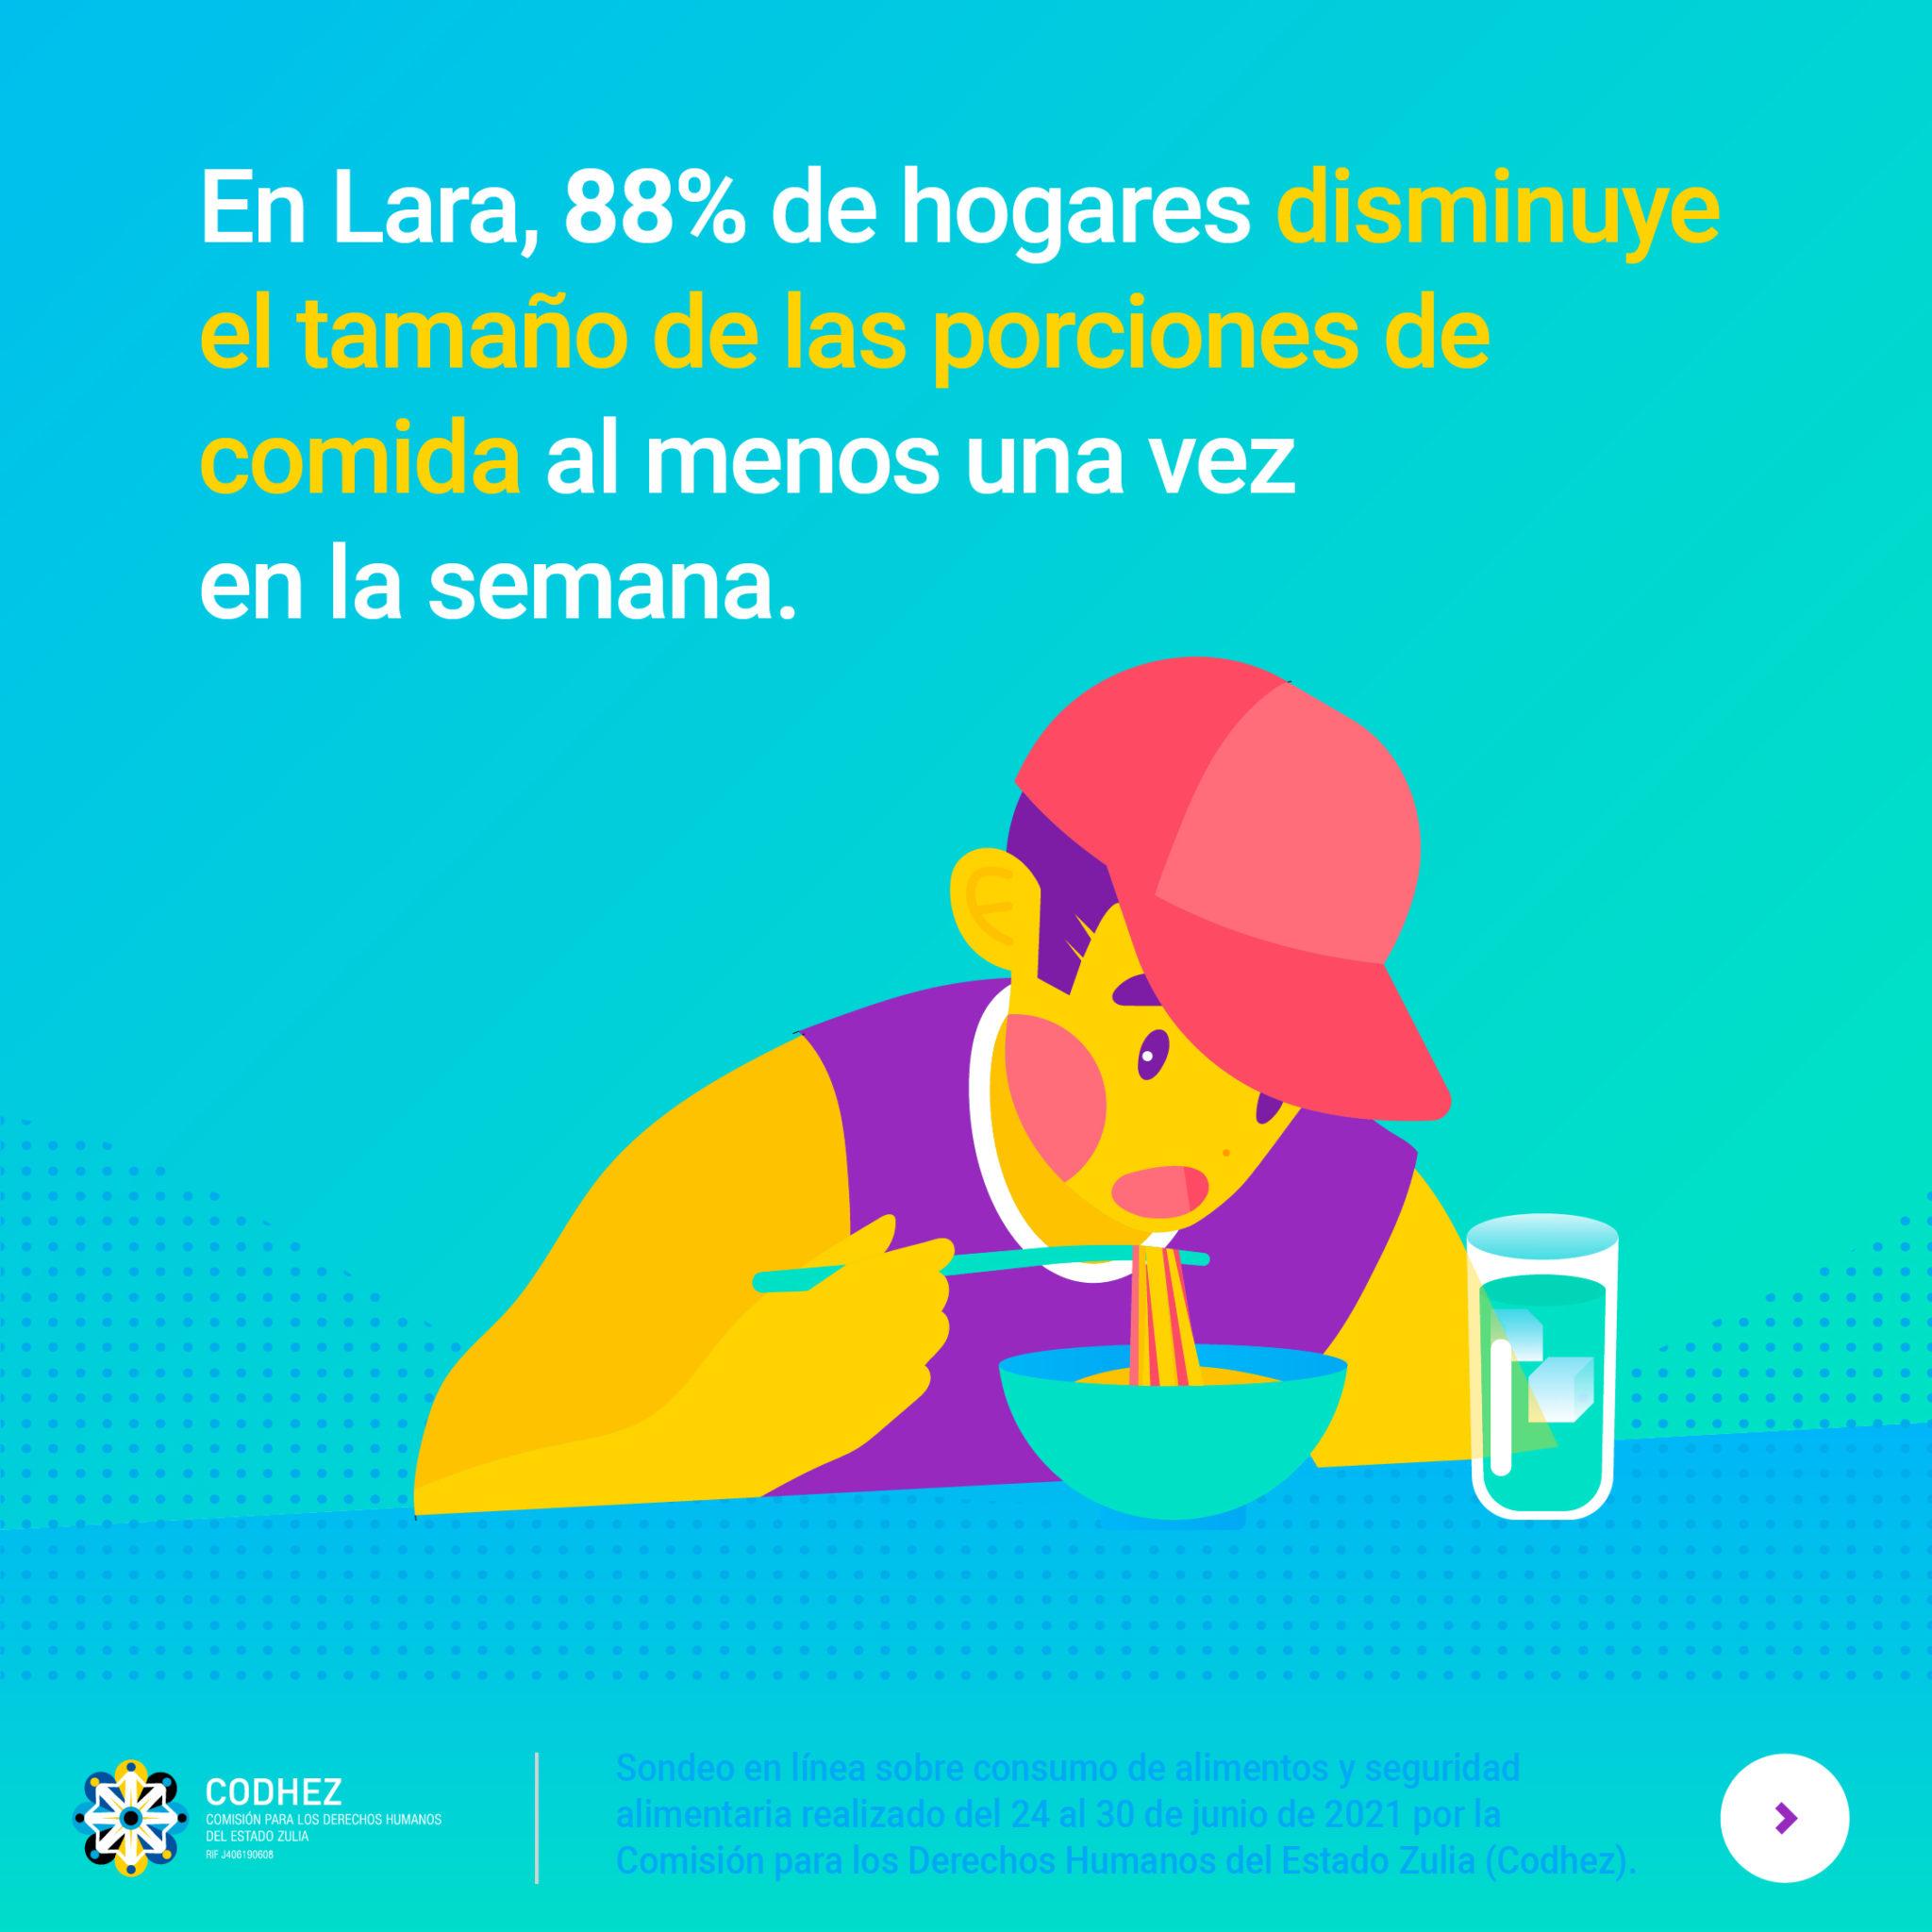 88% de hogares en Lara disminuye el tamaño de las porciones de comida al menos una vez en la semana